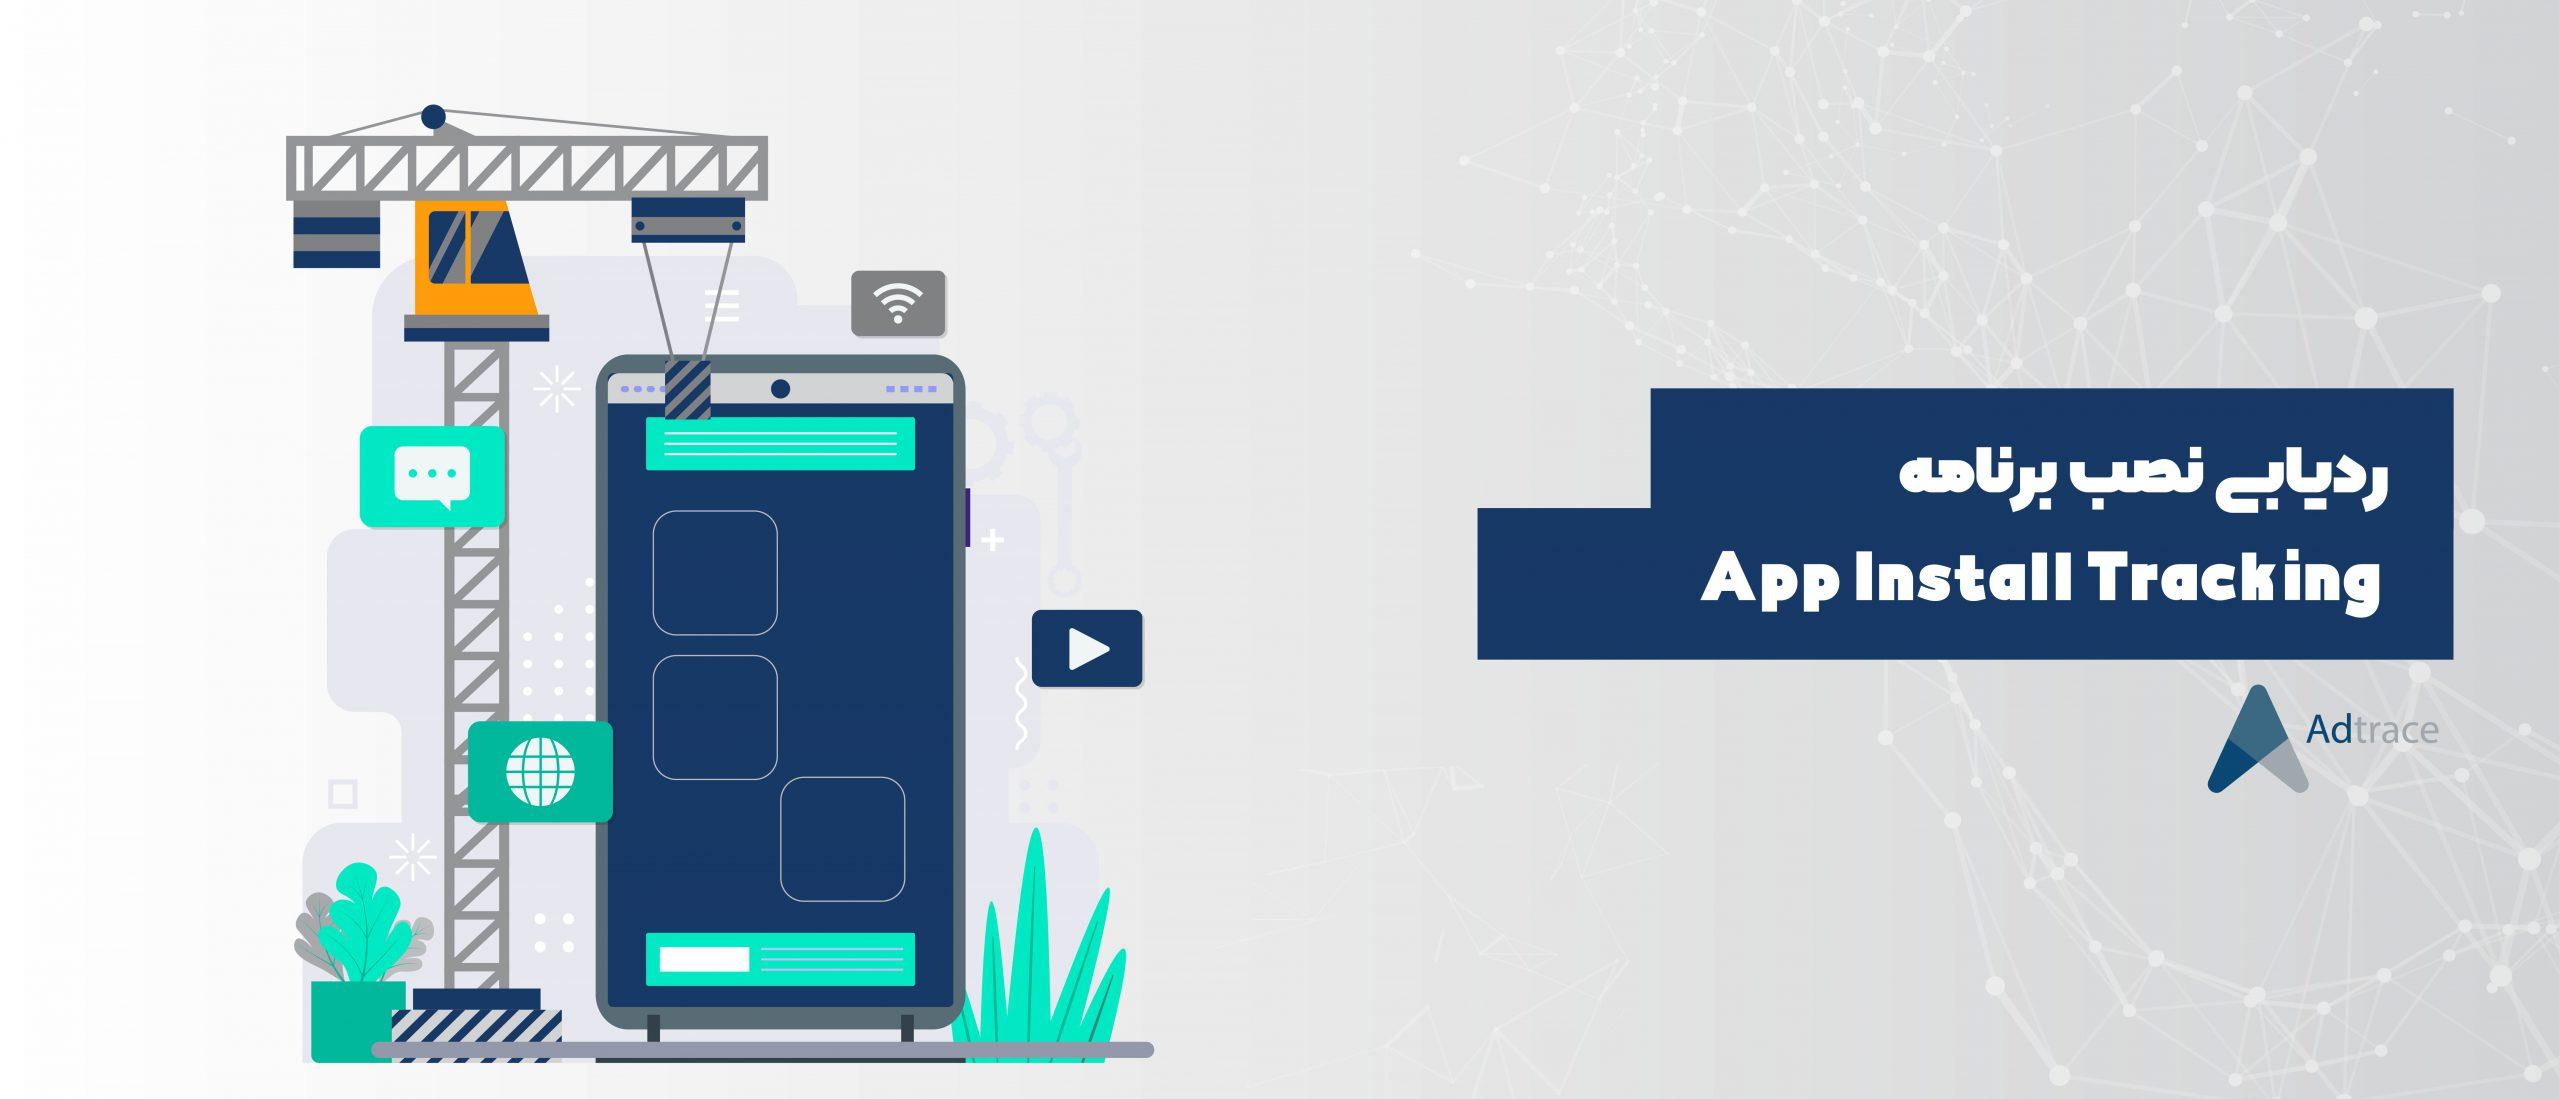 انواع نصب اپلیکیشن و نحوه رصد آن